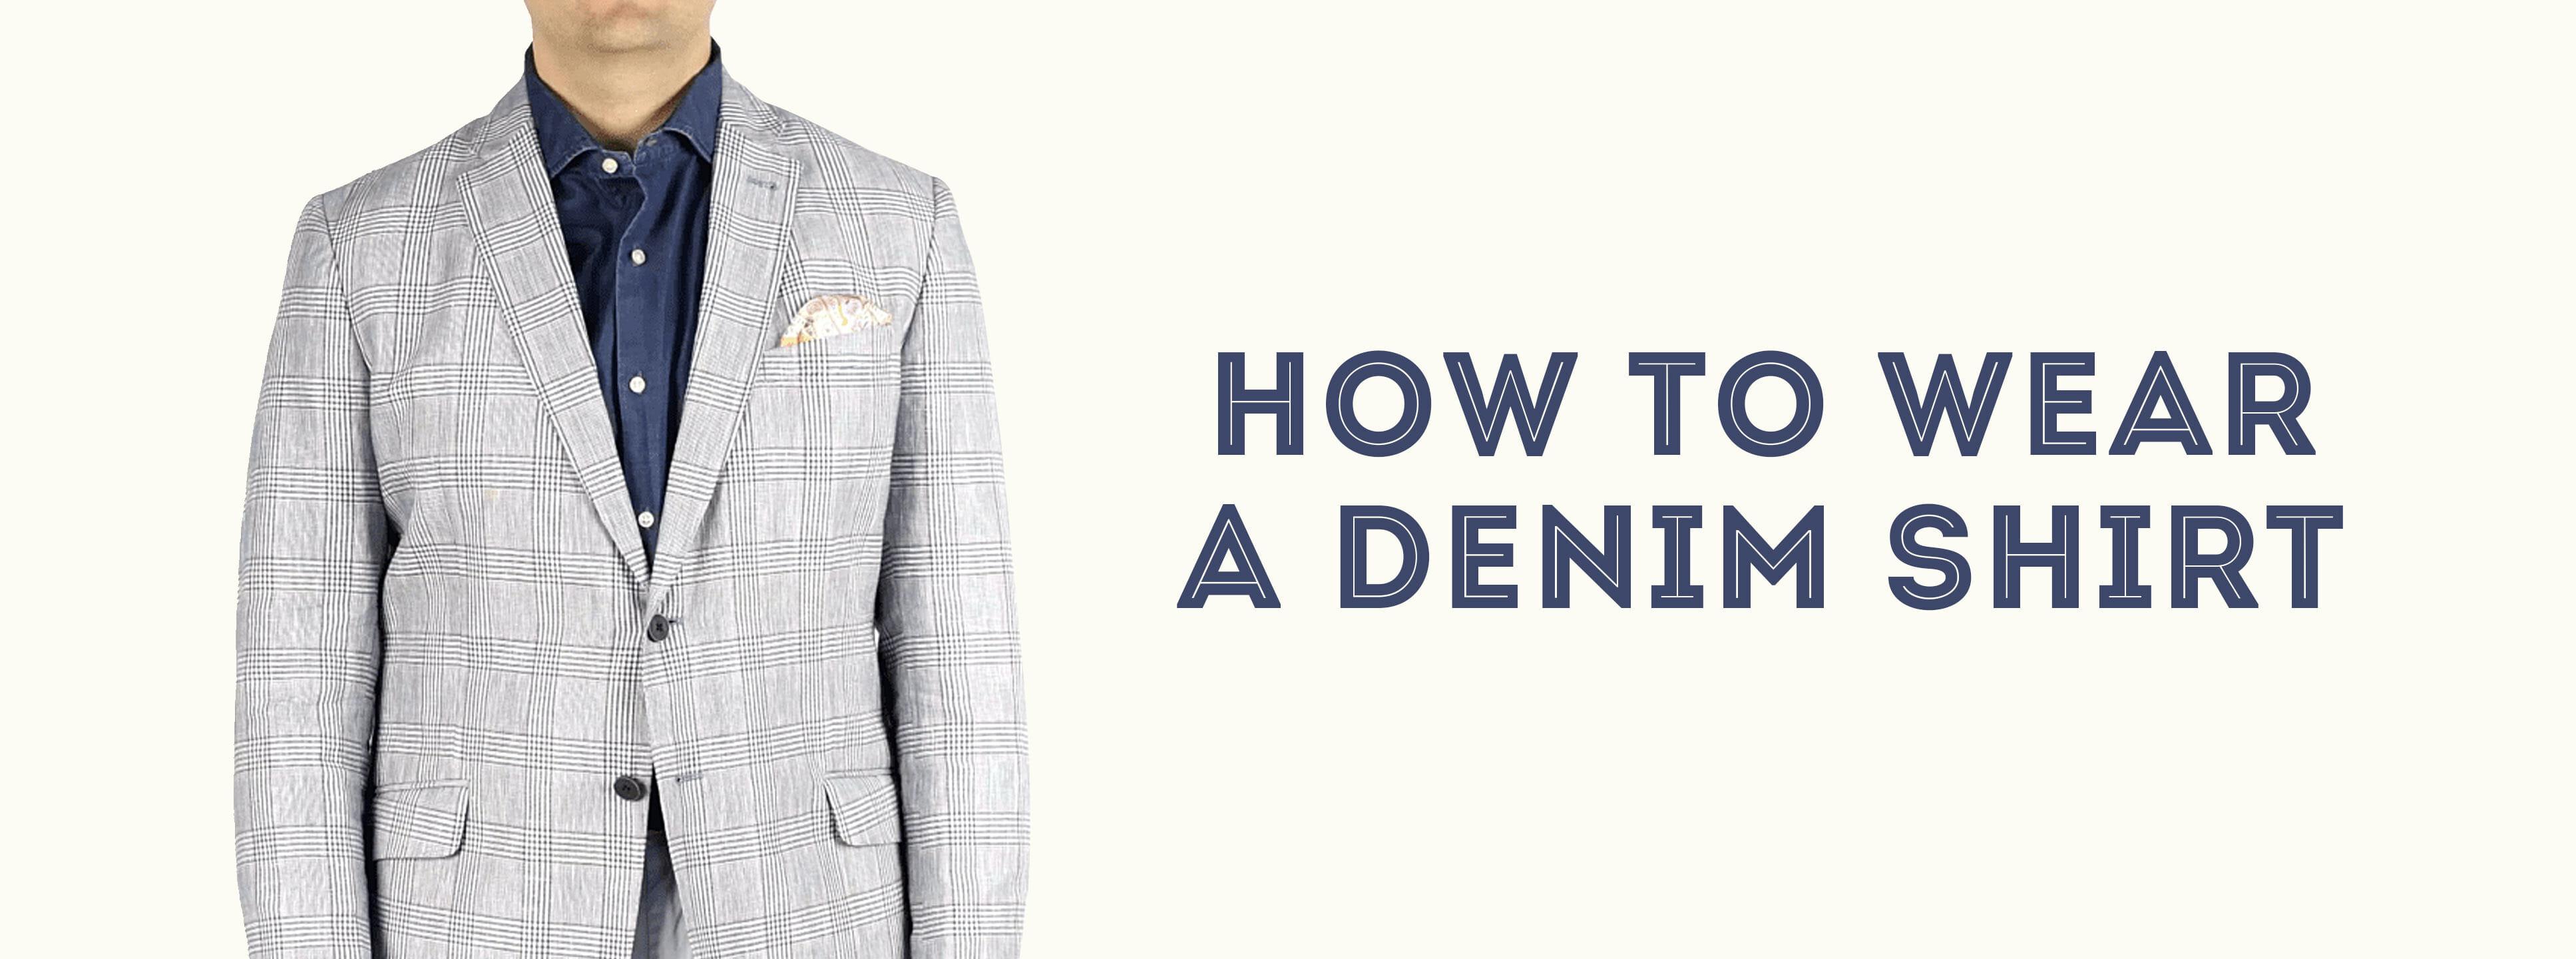 4f0966b08b How to Wear a Denim Shirt — Gentleman's Gazette